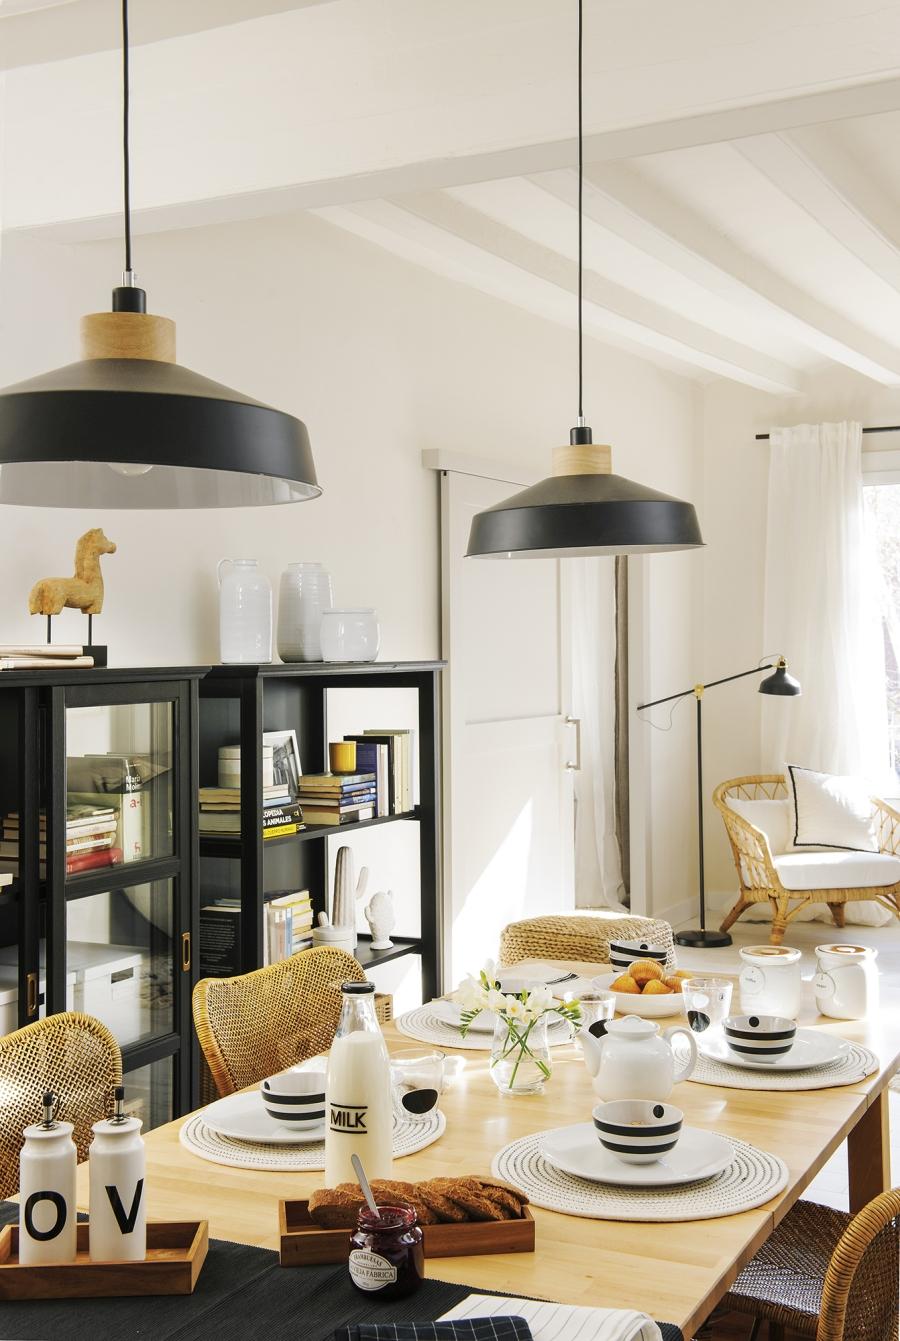 Czerń i biel w przytulnej aranżacji - wystrój wnętrz, wnętrza, urządzanie mieszkania, dom, home decor, dekoracje, aranżacje, minty inspirations, styl skandynawski, scandinavian style, biała wnętrza, małe wnętrza, małe mieszkanie, otwarta przestrzeń, czerń i biel, balck & white, naturalne drewno, naturalne materiały, jadalnia, czarny regał, czarna lampa wisząca